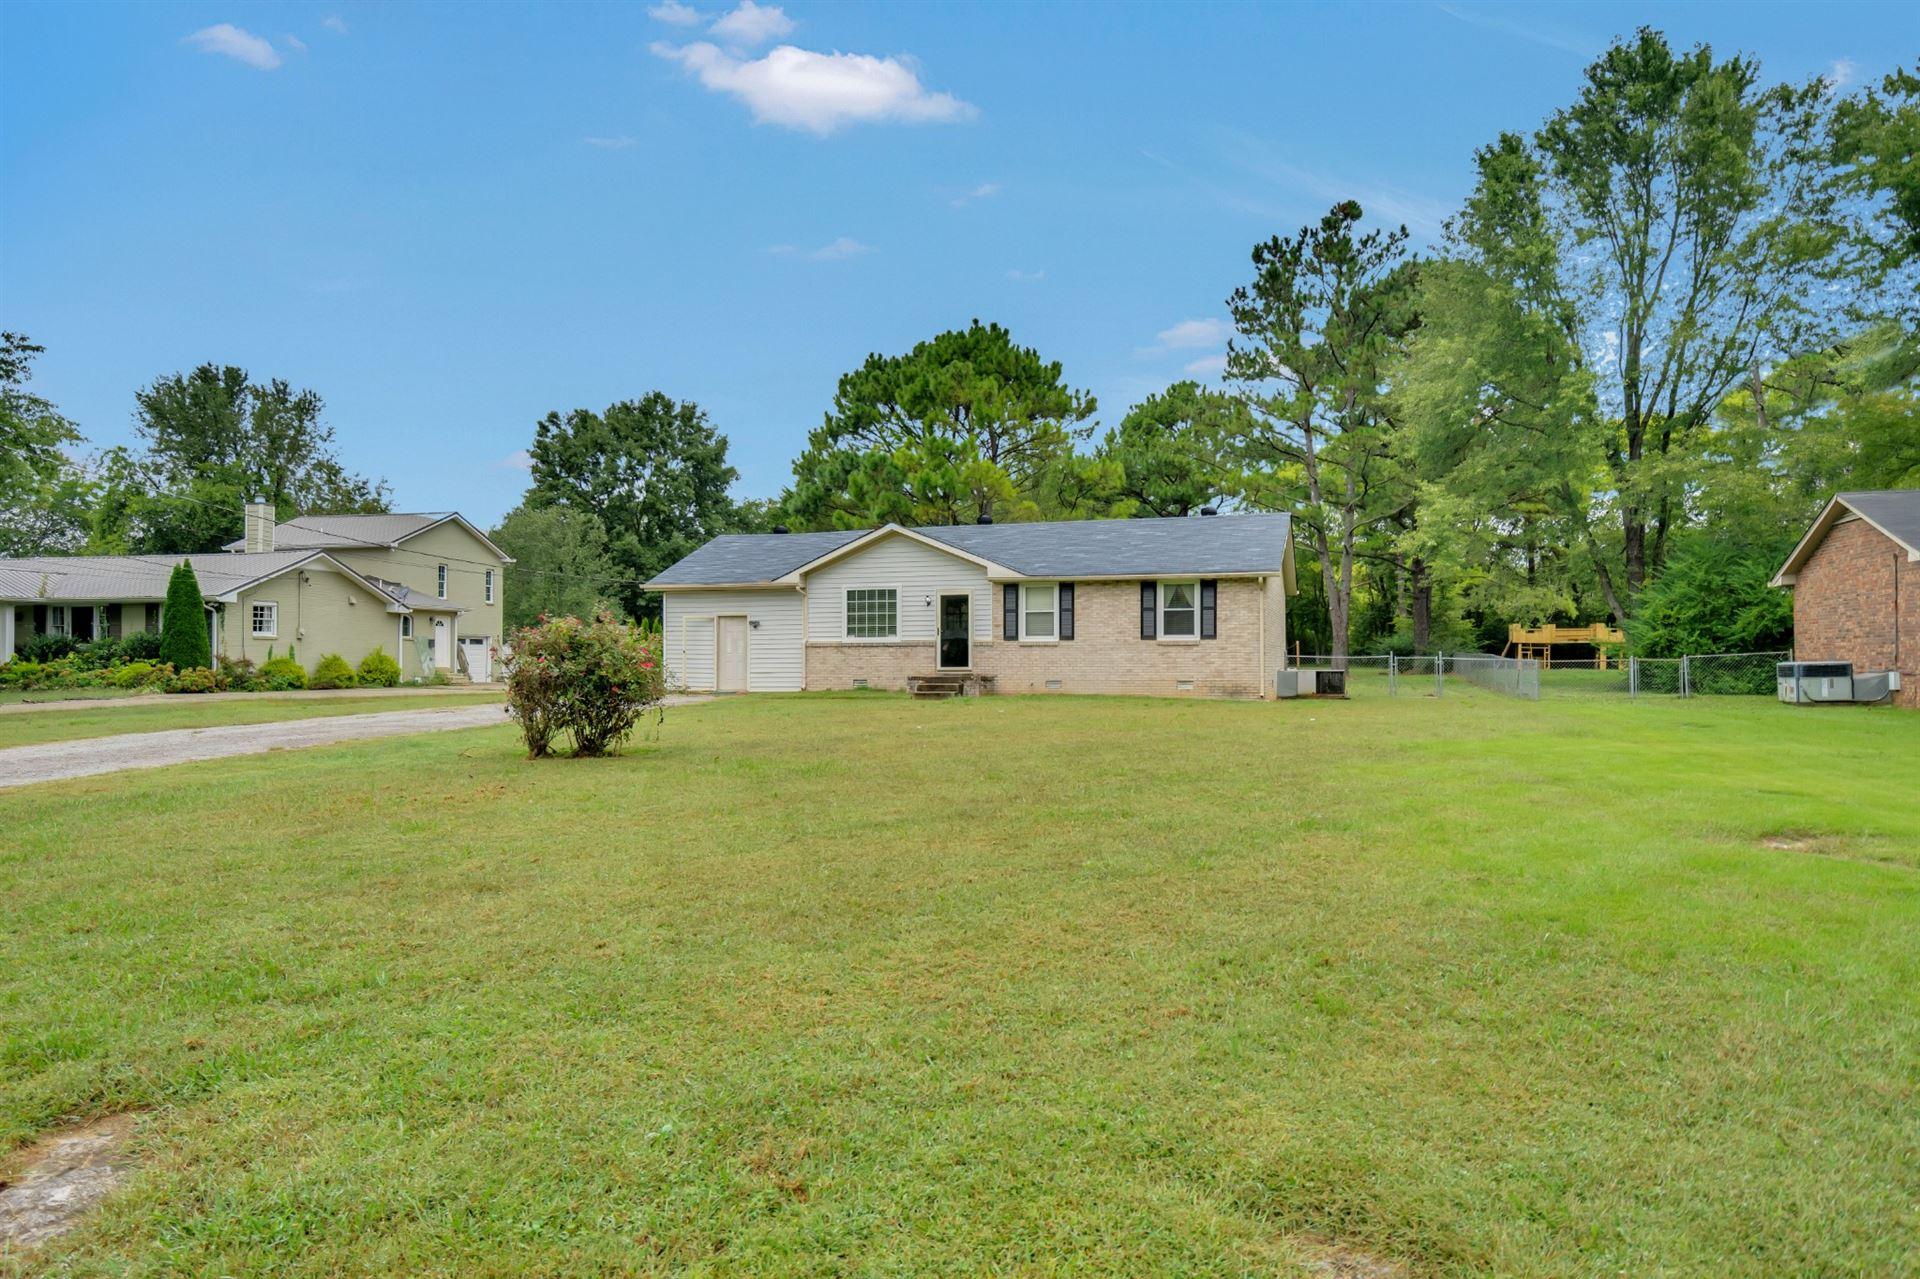 2614 Walnut Ln, Murfreesboro, TN 37129 - MLS#: 2191912